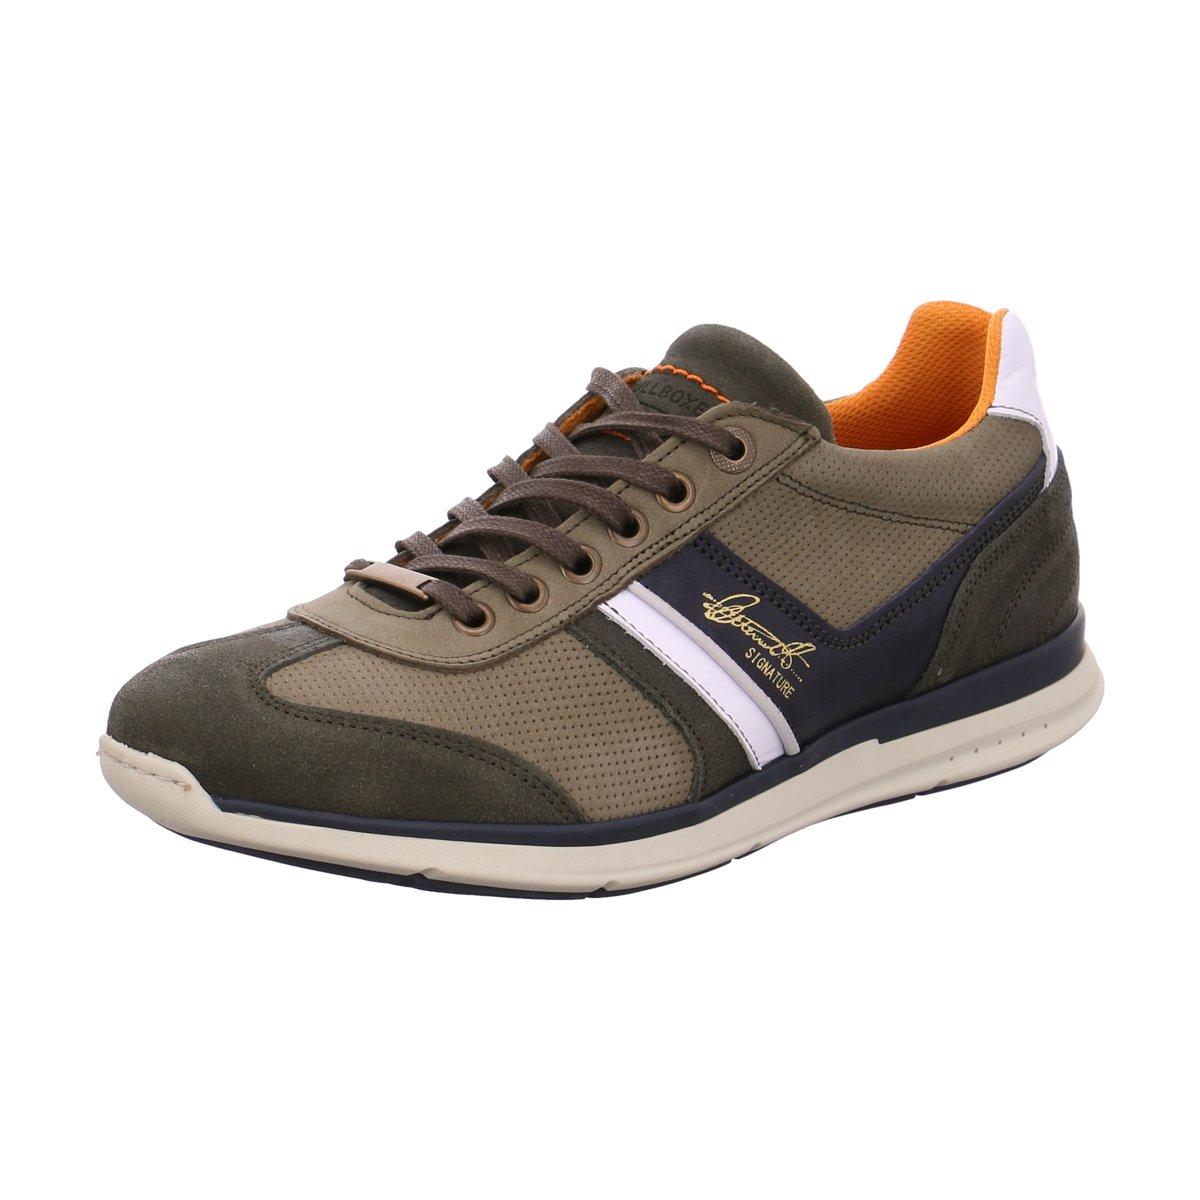 NEU Bullboxer Herren Sneaker Schnürhalbschuh 630K25362AGNNWSU00 grün 423423